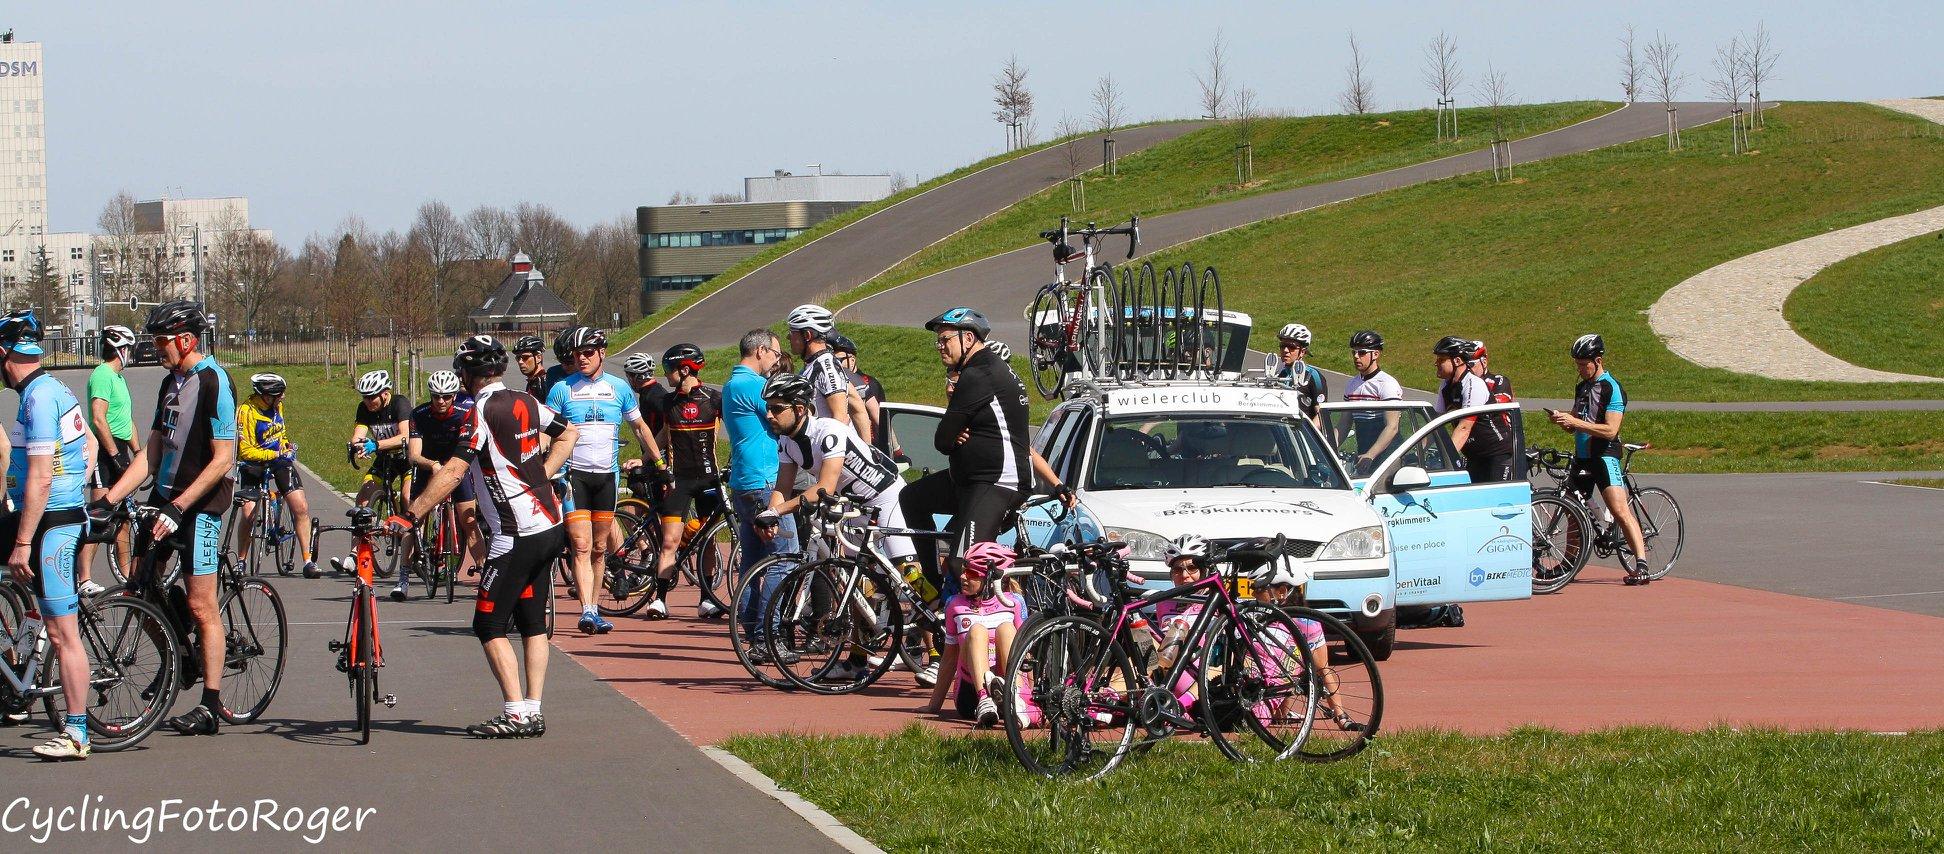 Coupe des cyclistes met mise en place 7 april 2018 wcl bergklimmers - Mise en place coupe menstruelle ...